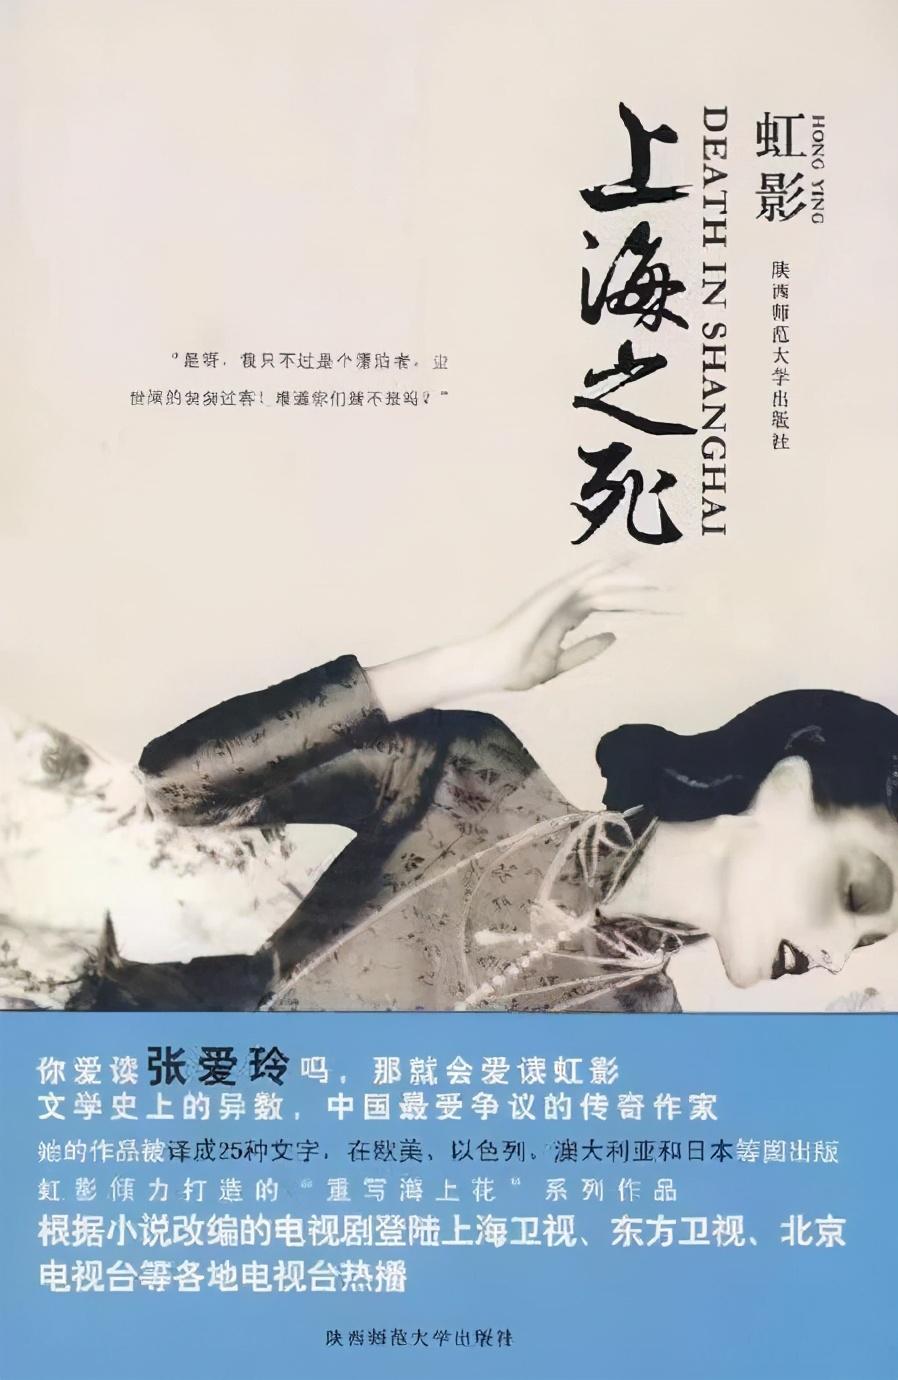 巩俐演活了一位被情欲折磨的女人,可惜这部电影,内地上映前撤档